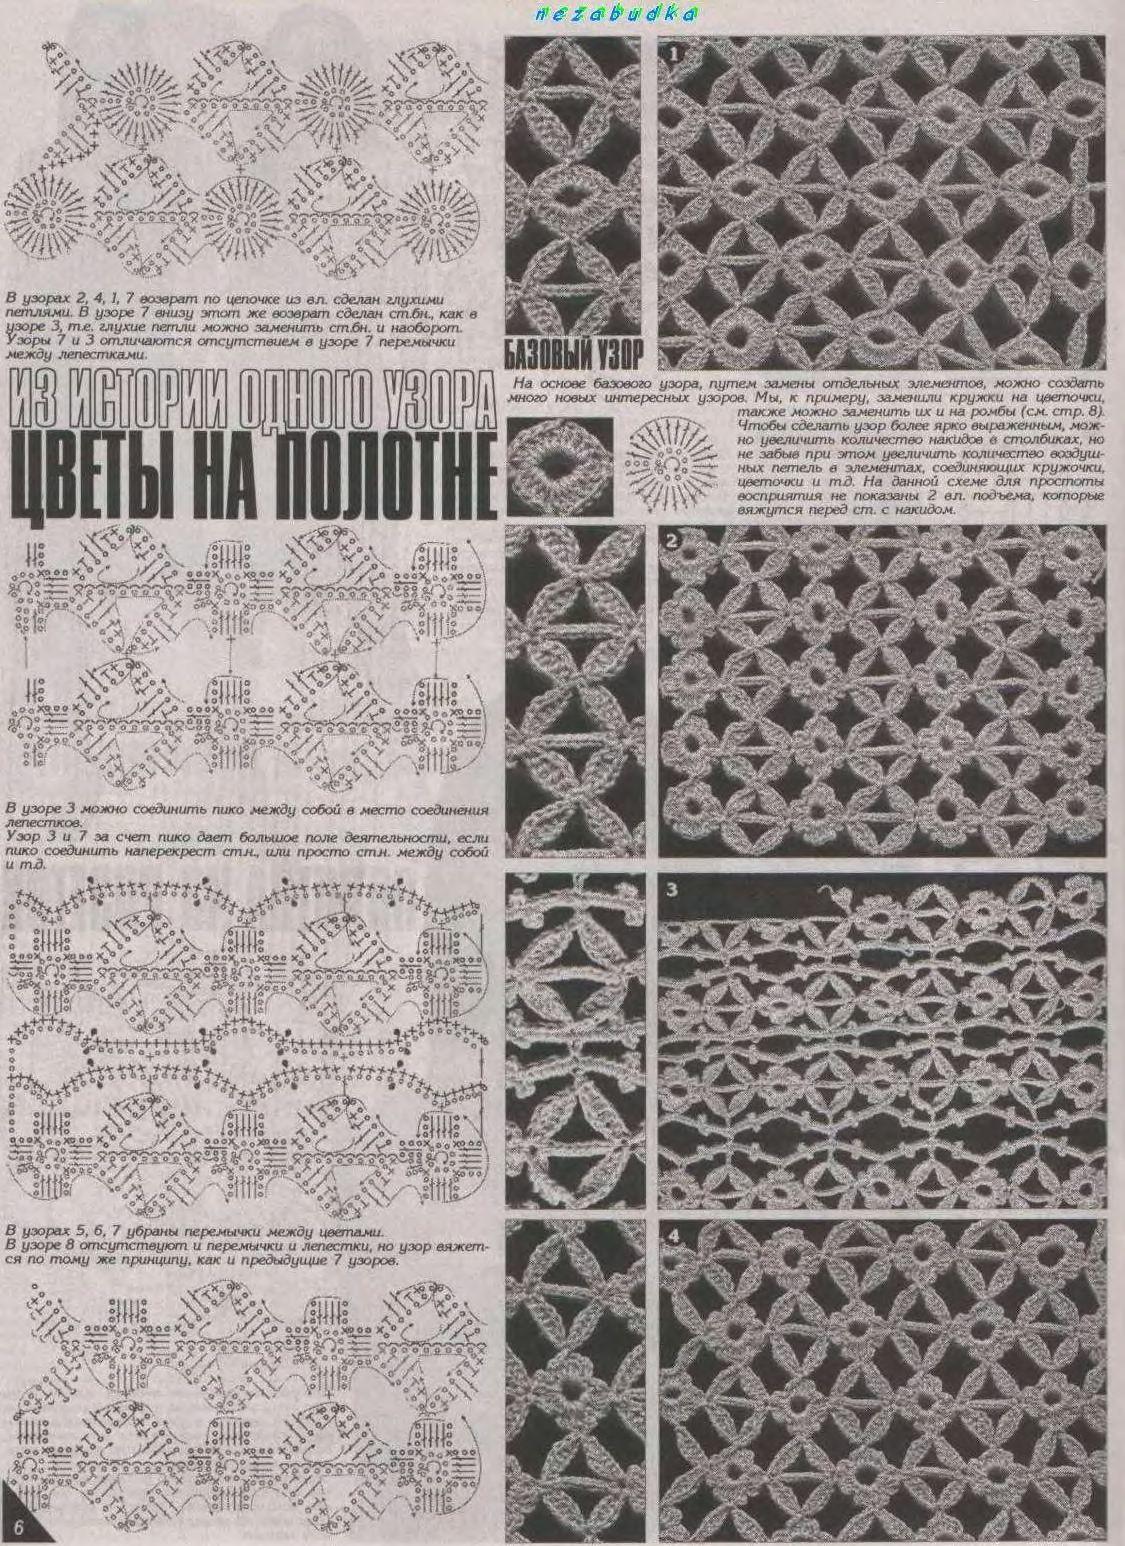 俄网编织杂志(351) - 柳芯飘雪 - 柳芯飘雪的博客